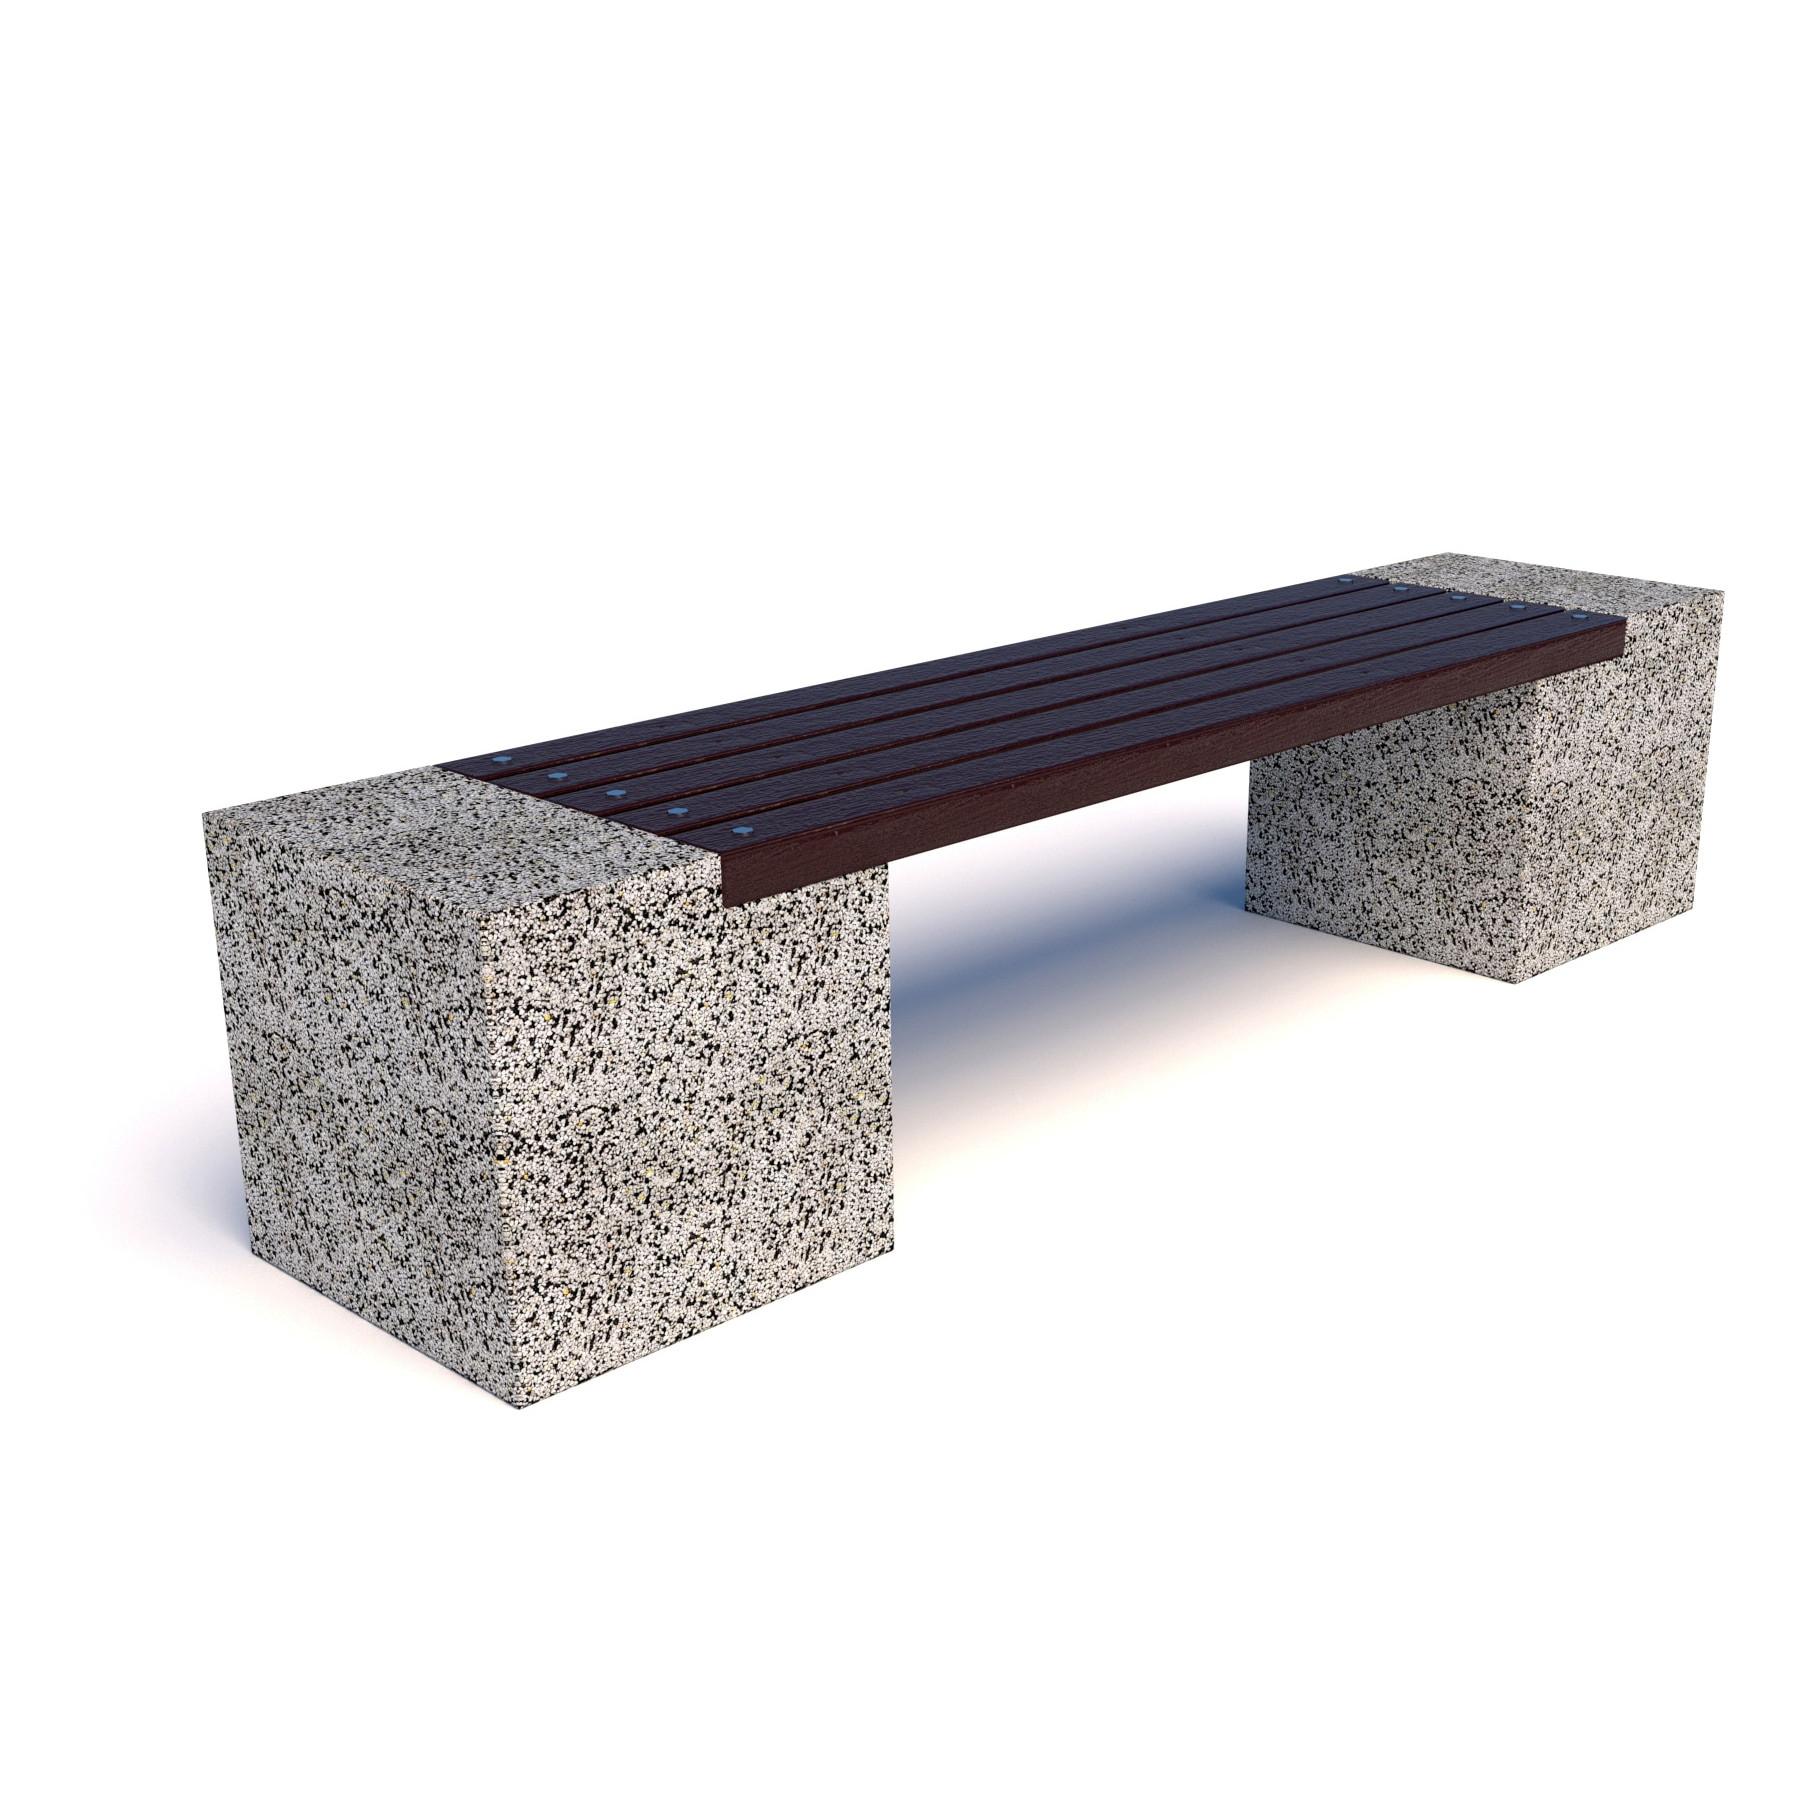 Архитектурный бетон скамейки бетонов инфо